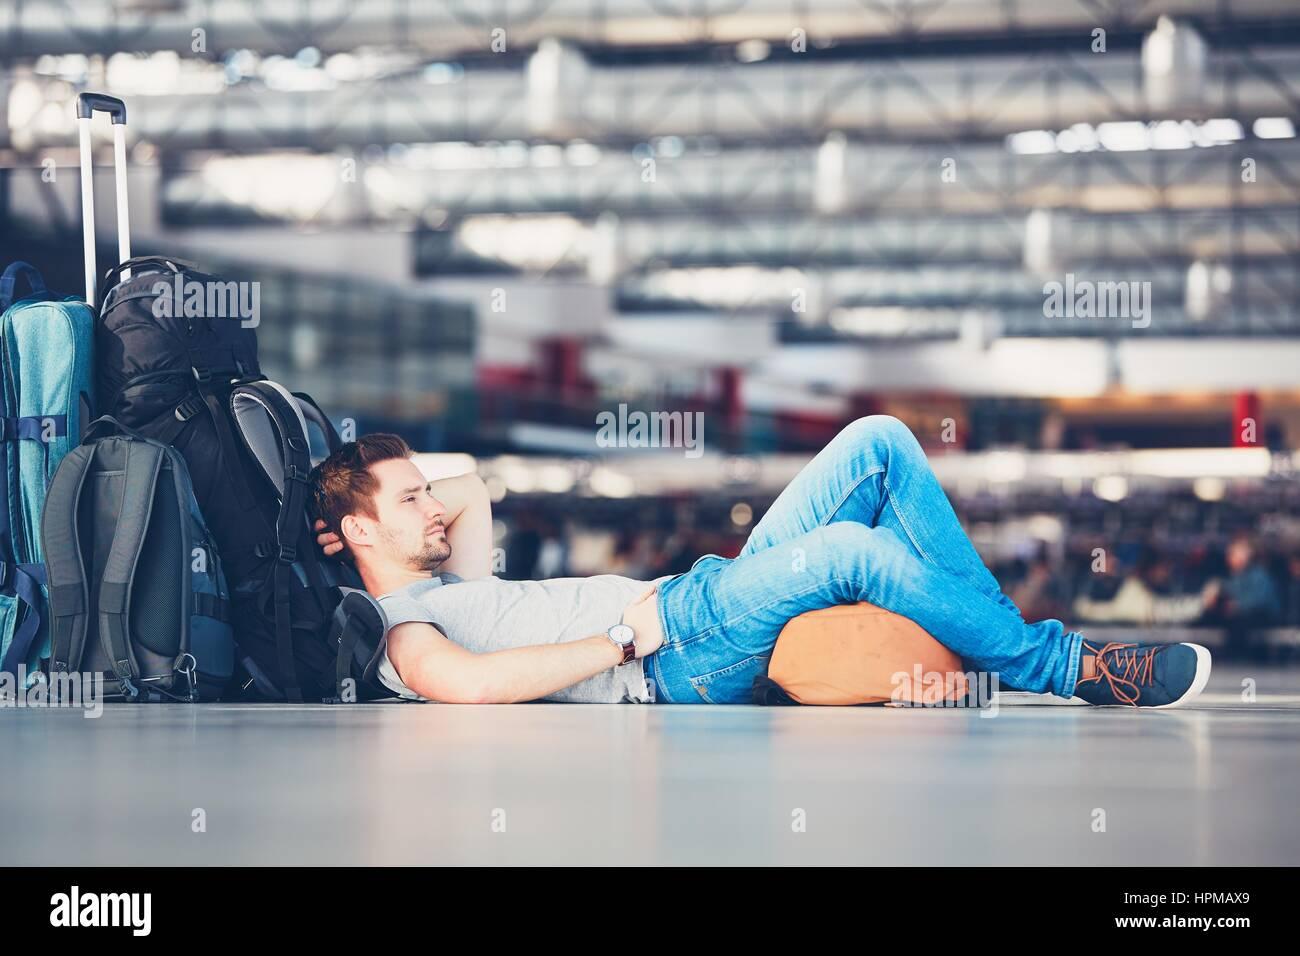 Traveler attendait à l'aéroport de départ du vol pour son retard. Photo Stock